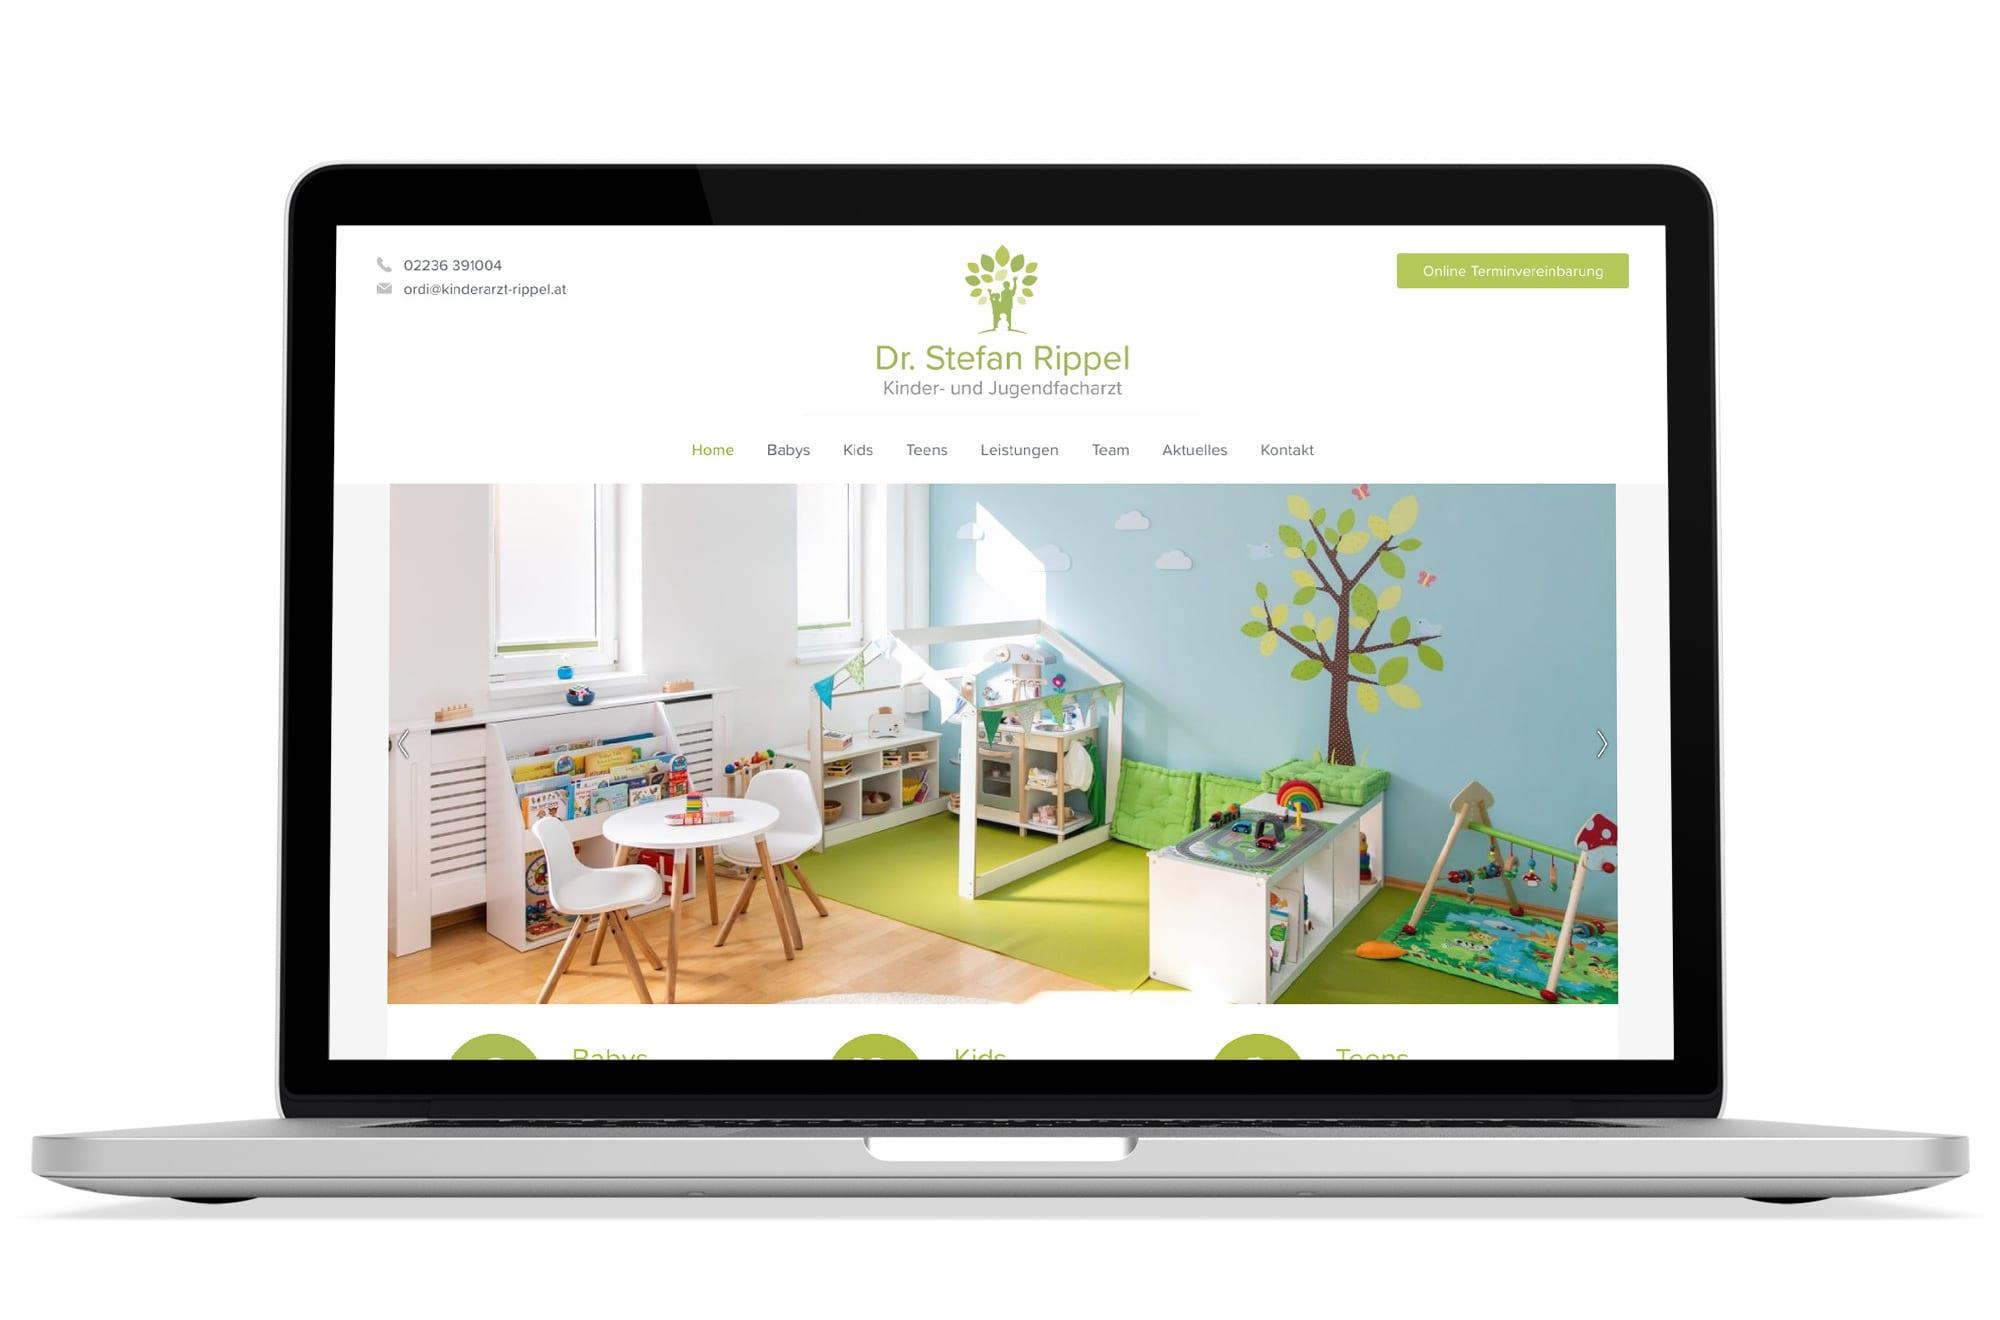 Webdesign Beispiel: Logodesign, WordPress, Webdesign für Kinderarzt Wien, Brunn am Gebirge